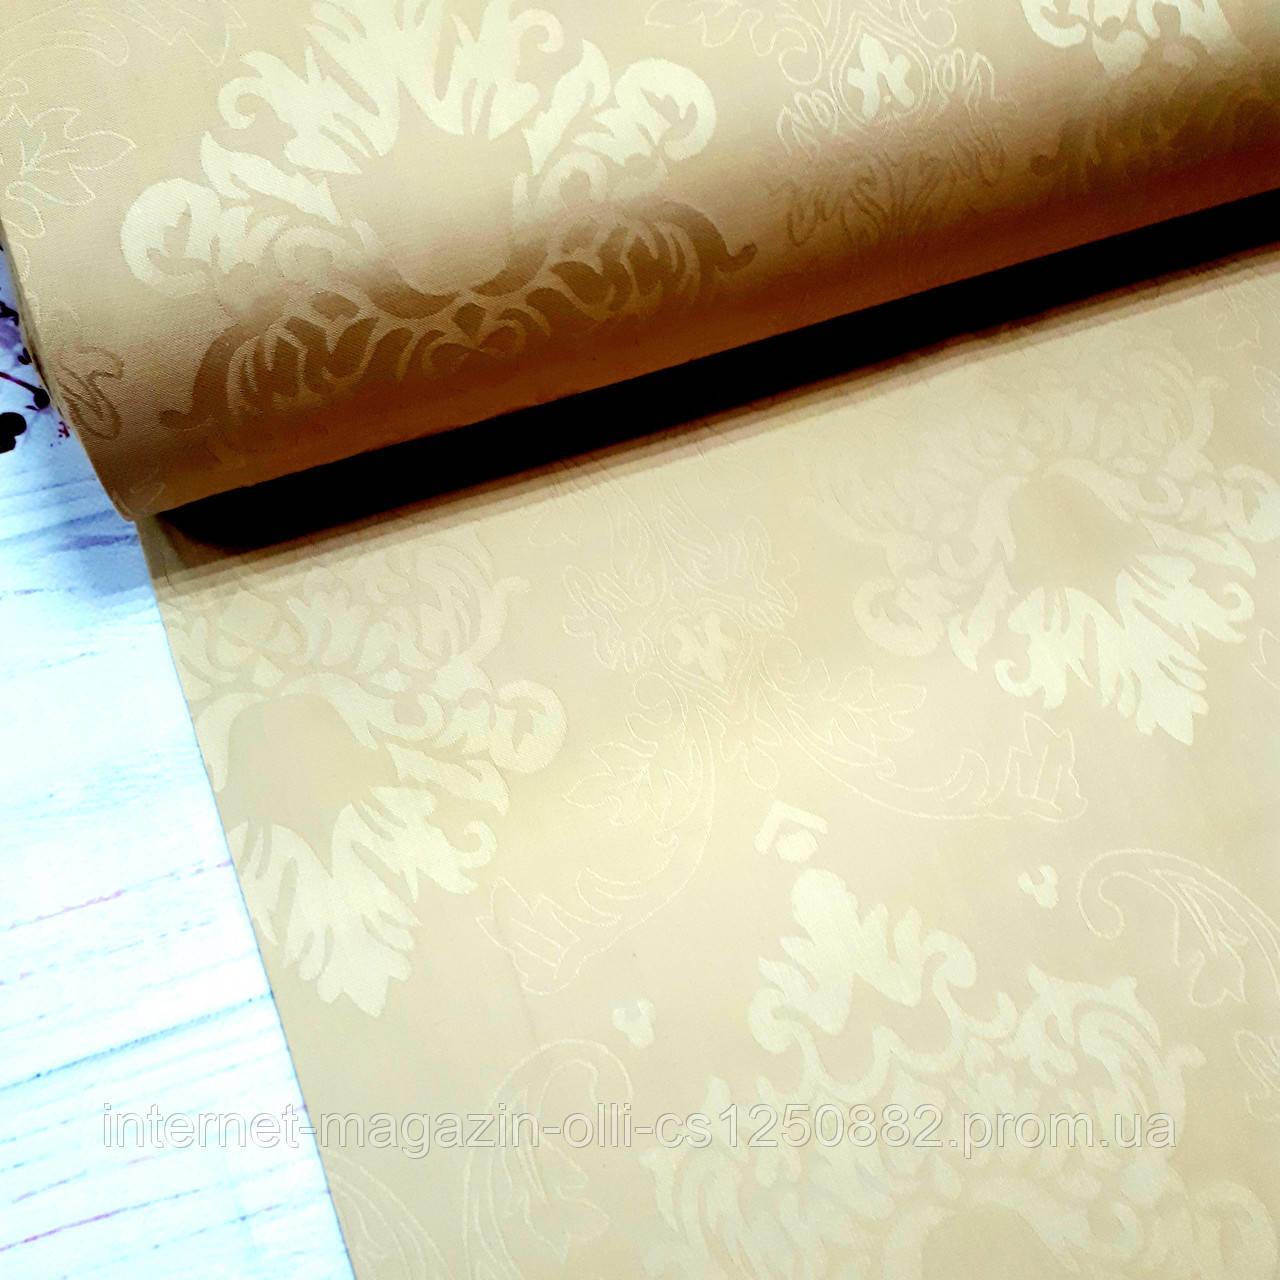 Ткань сатин с рисунком, королевская лилия, золотисто-бежевый цвет (ТУРЦИЯ шир. 2,4 м)